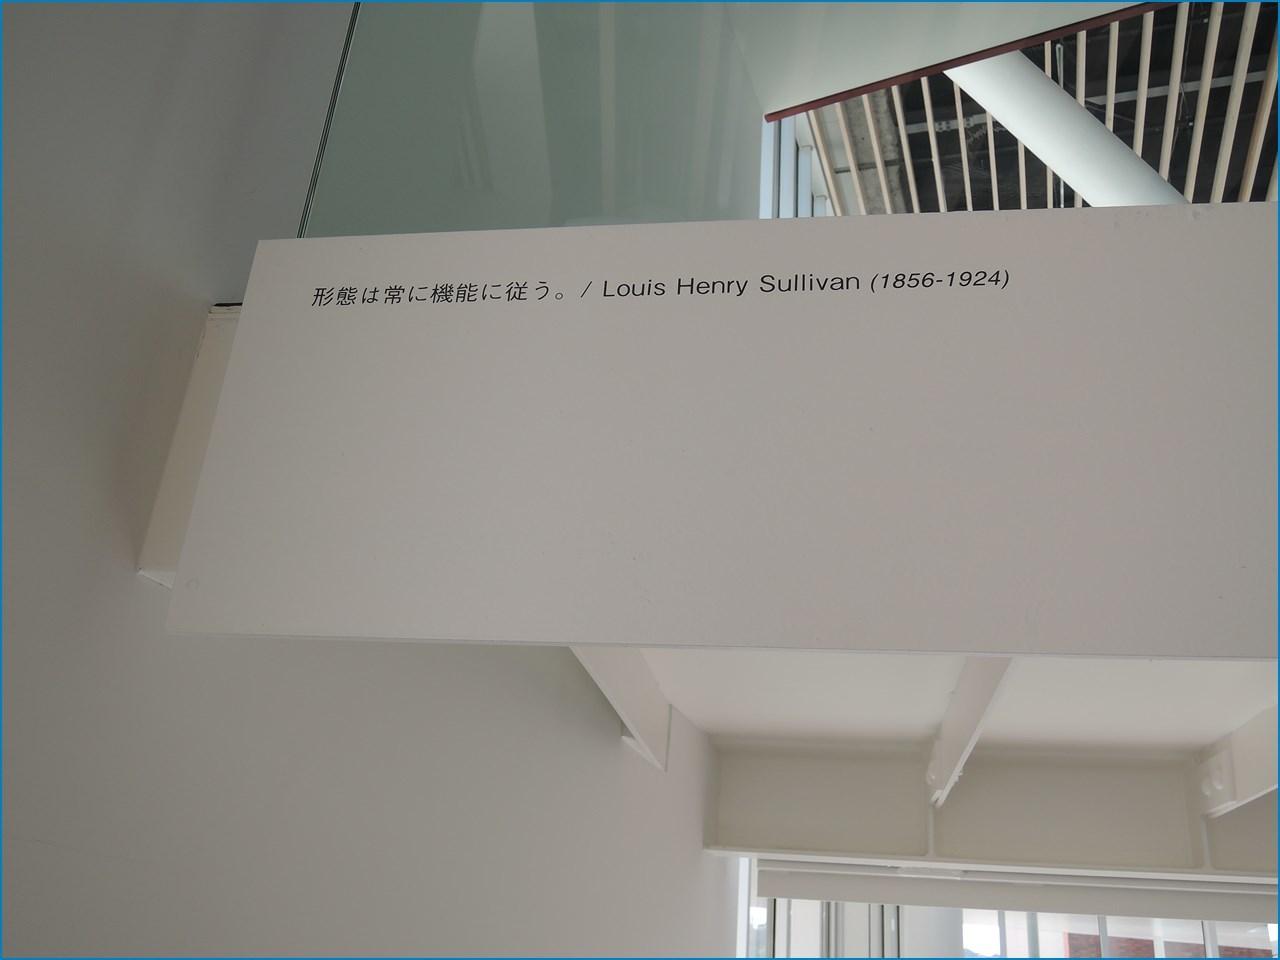 静岡理工科大学 理工学部 建築学科棟の見学 1_c0376508_05291643.jpg